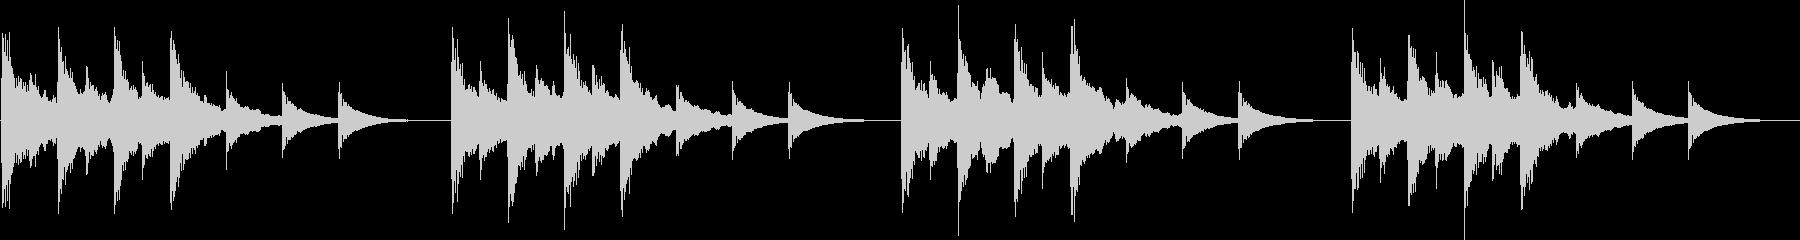 電話の着信音やアラームに最適なジングルの未再生の波形